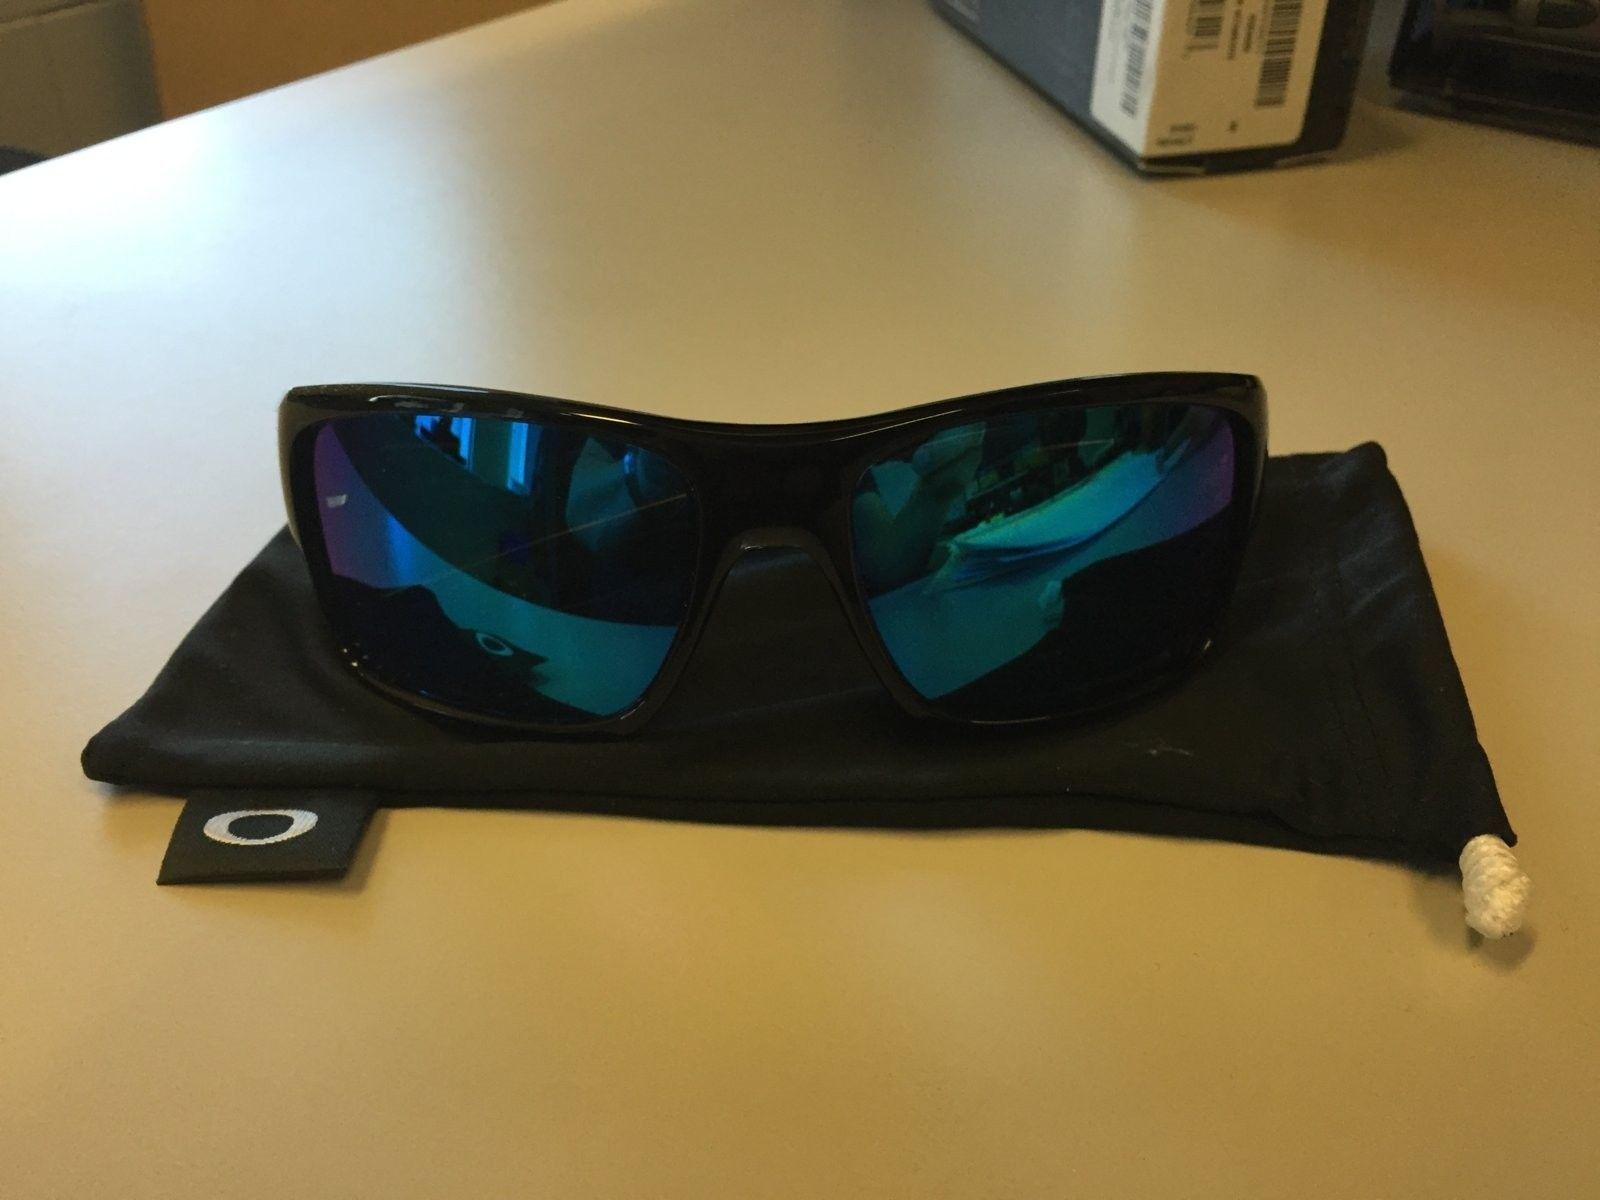 oakley turbine sunglasses black  mint oakley turbine sunglasses black ink w/ sapphire iridium $90 all in img_1534.